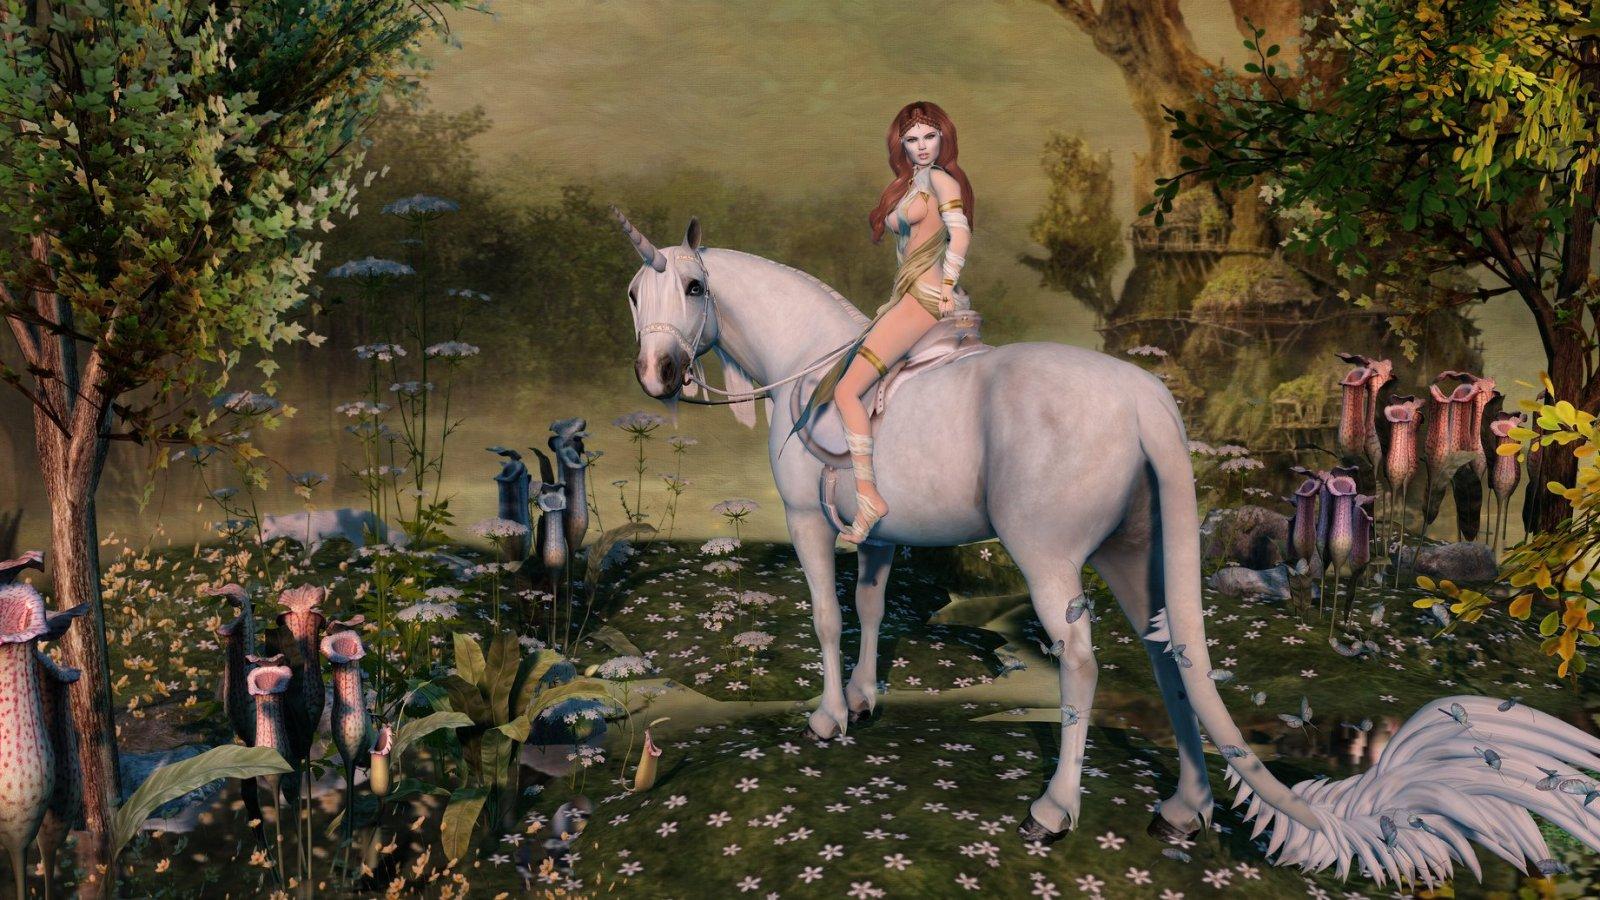 Queen Vaiwa & Her Mighty Mount